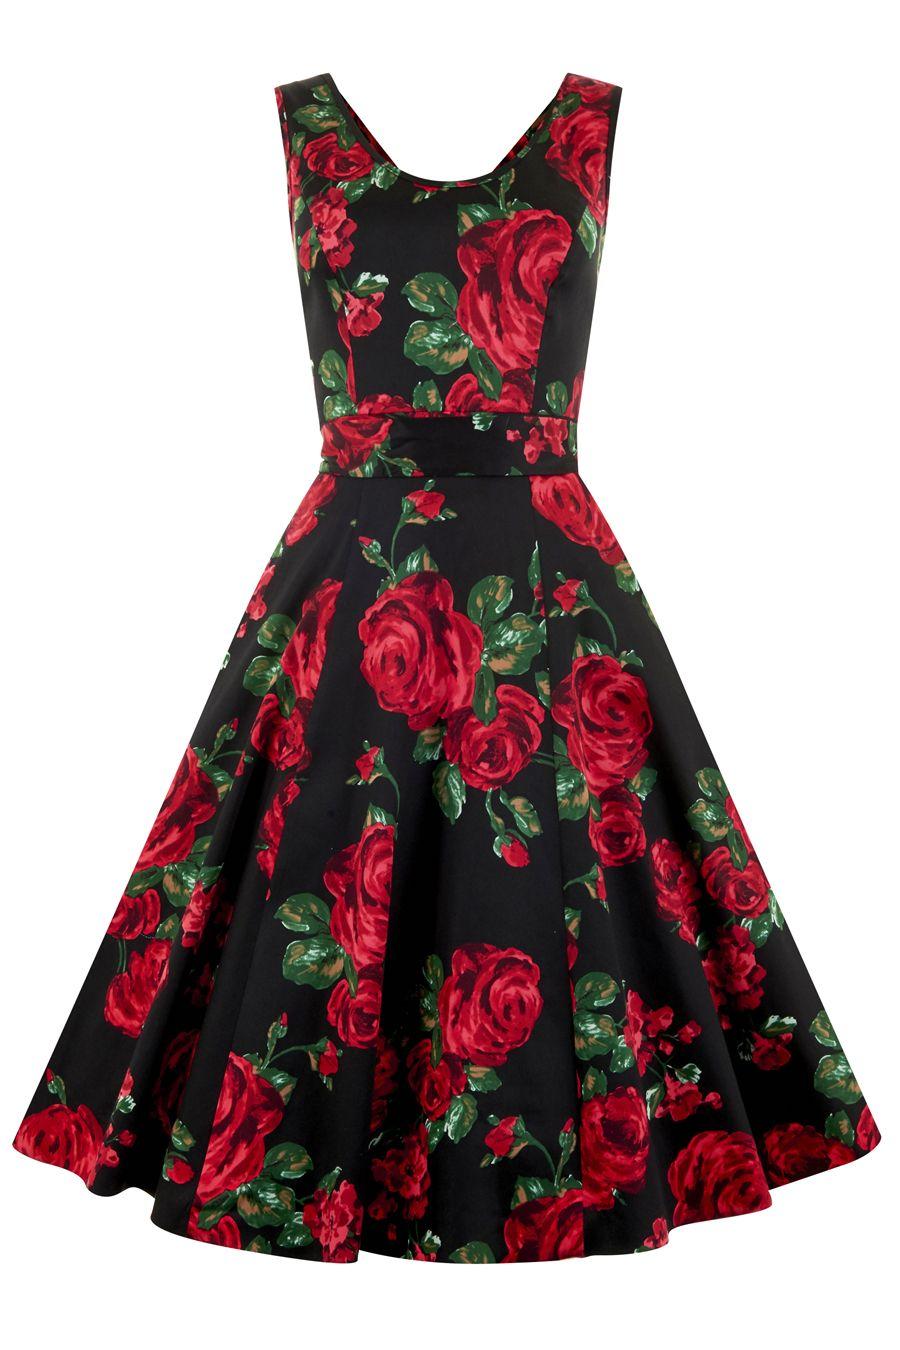 Red Rose Floral Charlotte Dress | Charlotte, Floral and Vintage